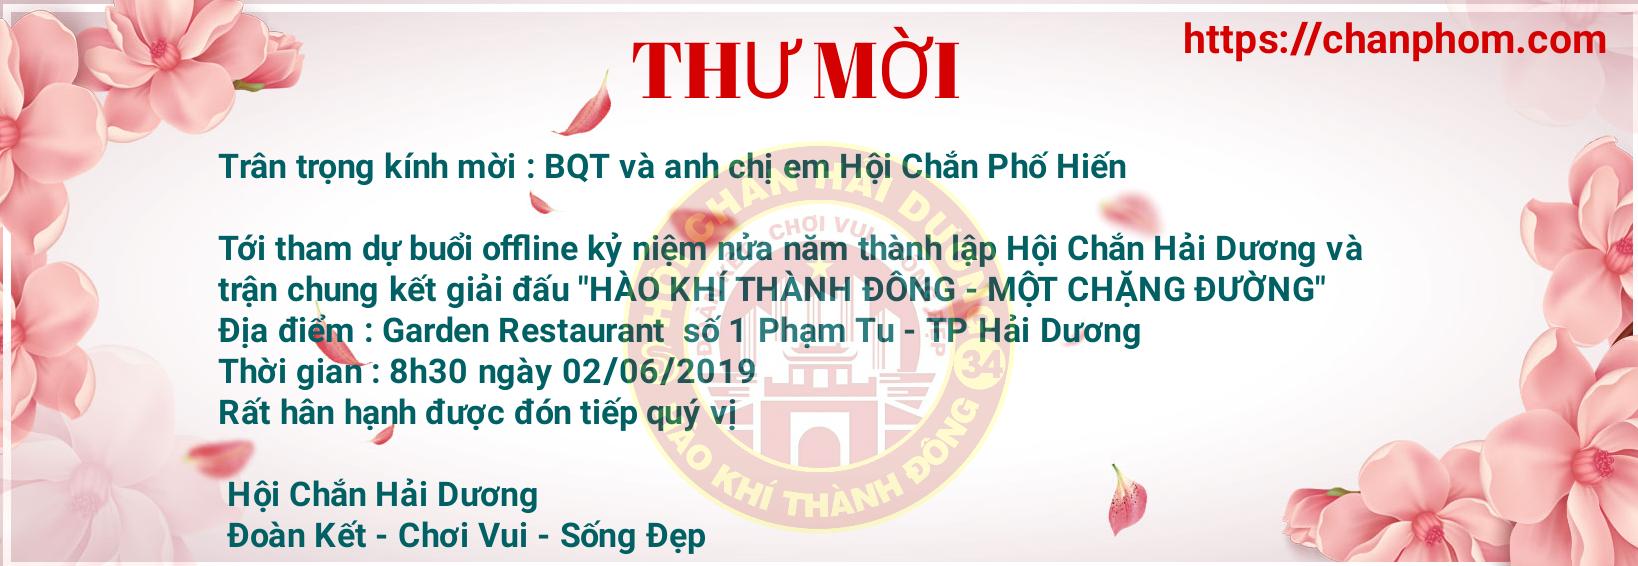 AddText_05-24-01.04.39.PNG